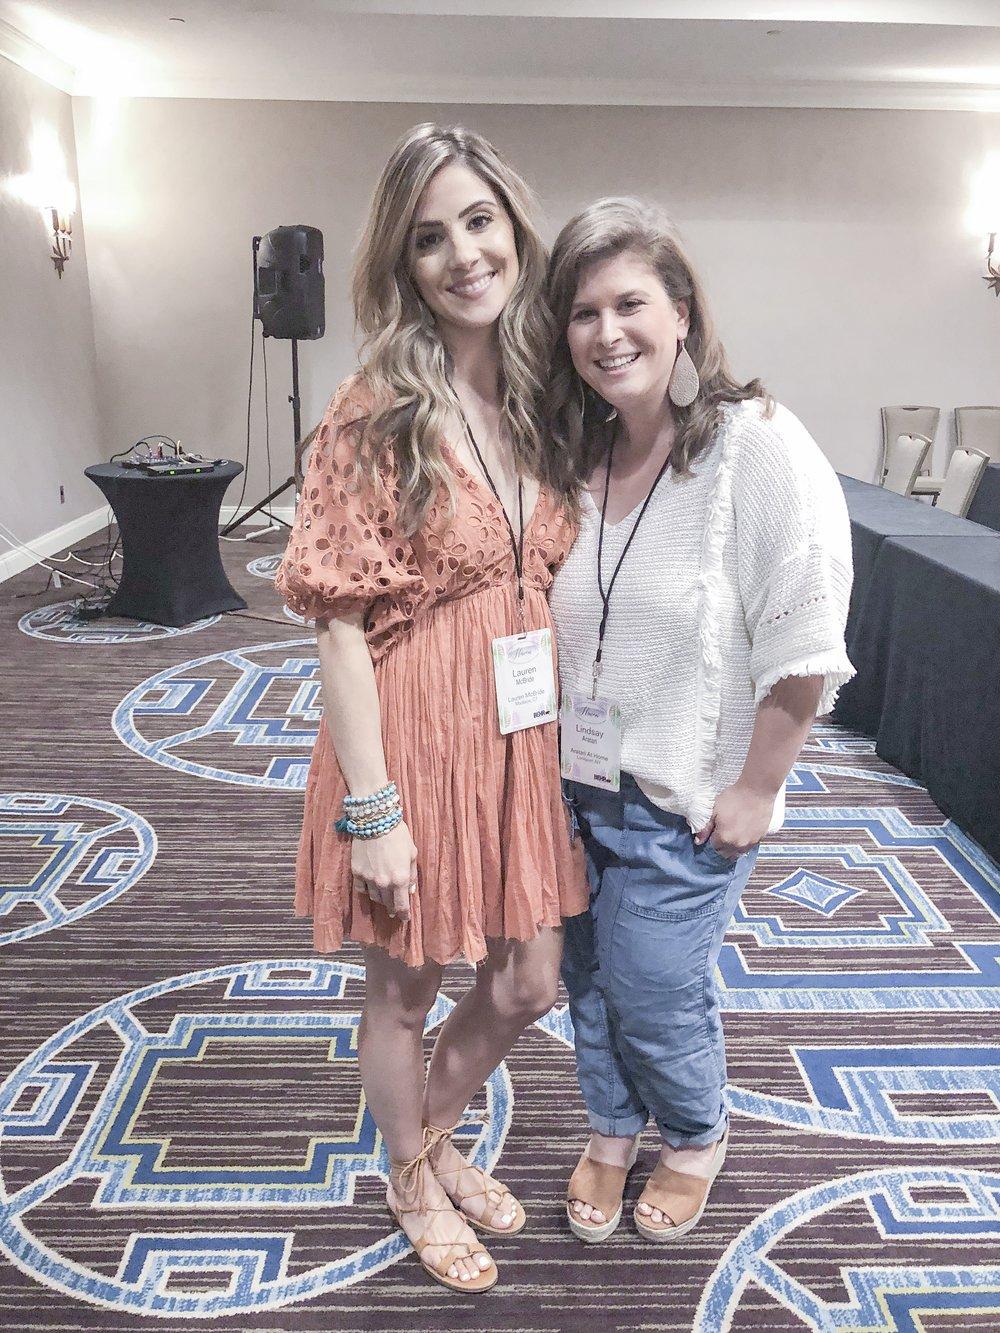 Lauren McBride and I